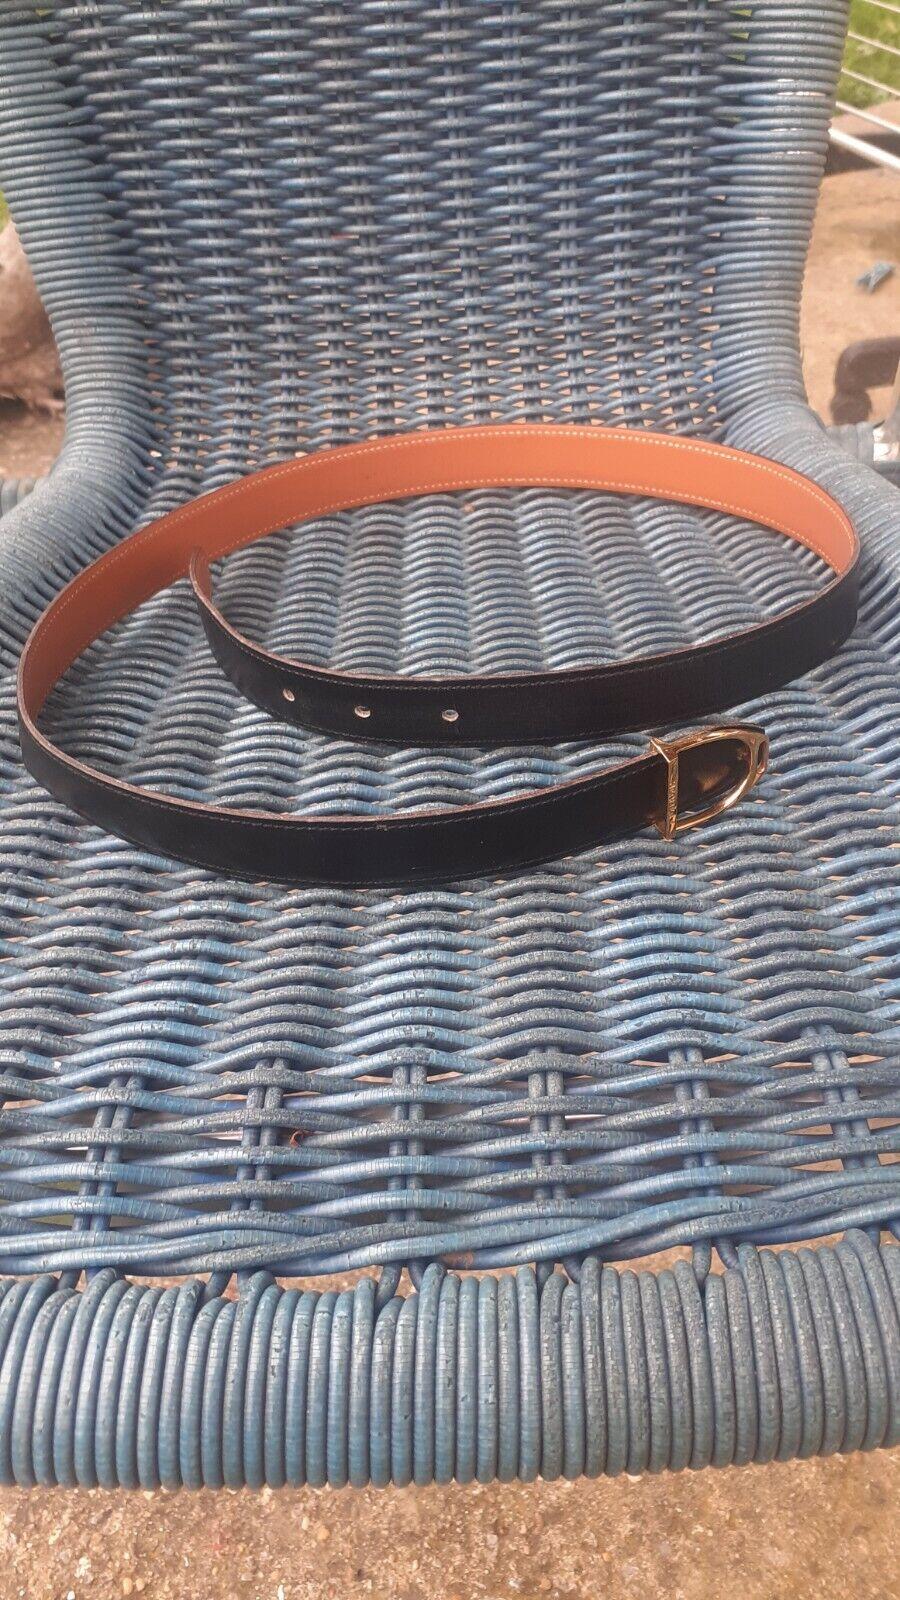 Hermes ceinture reversible cuir noir beige 95 cm